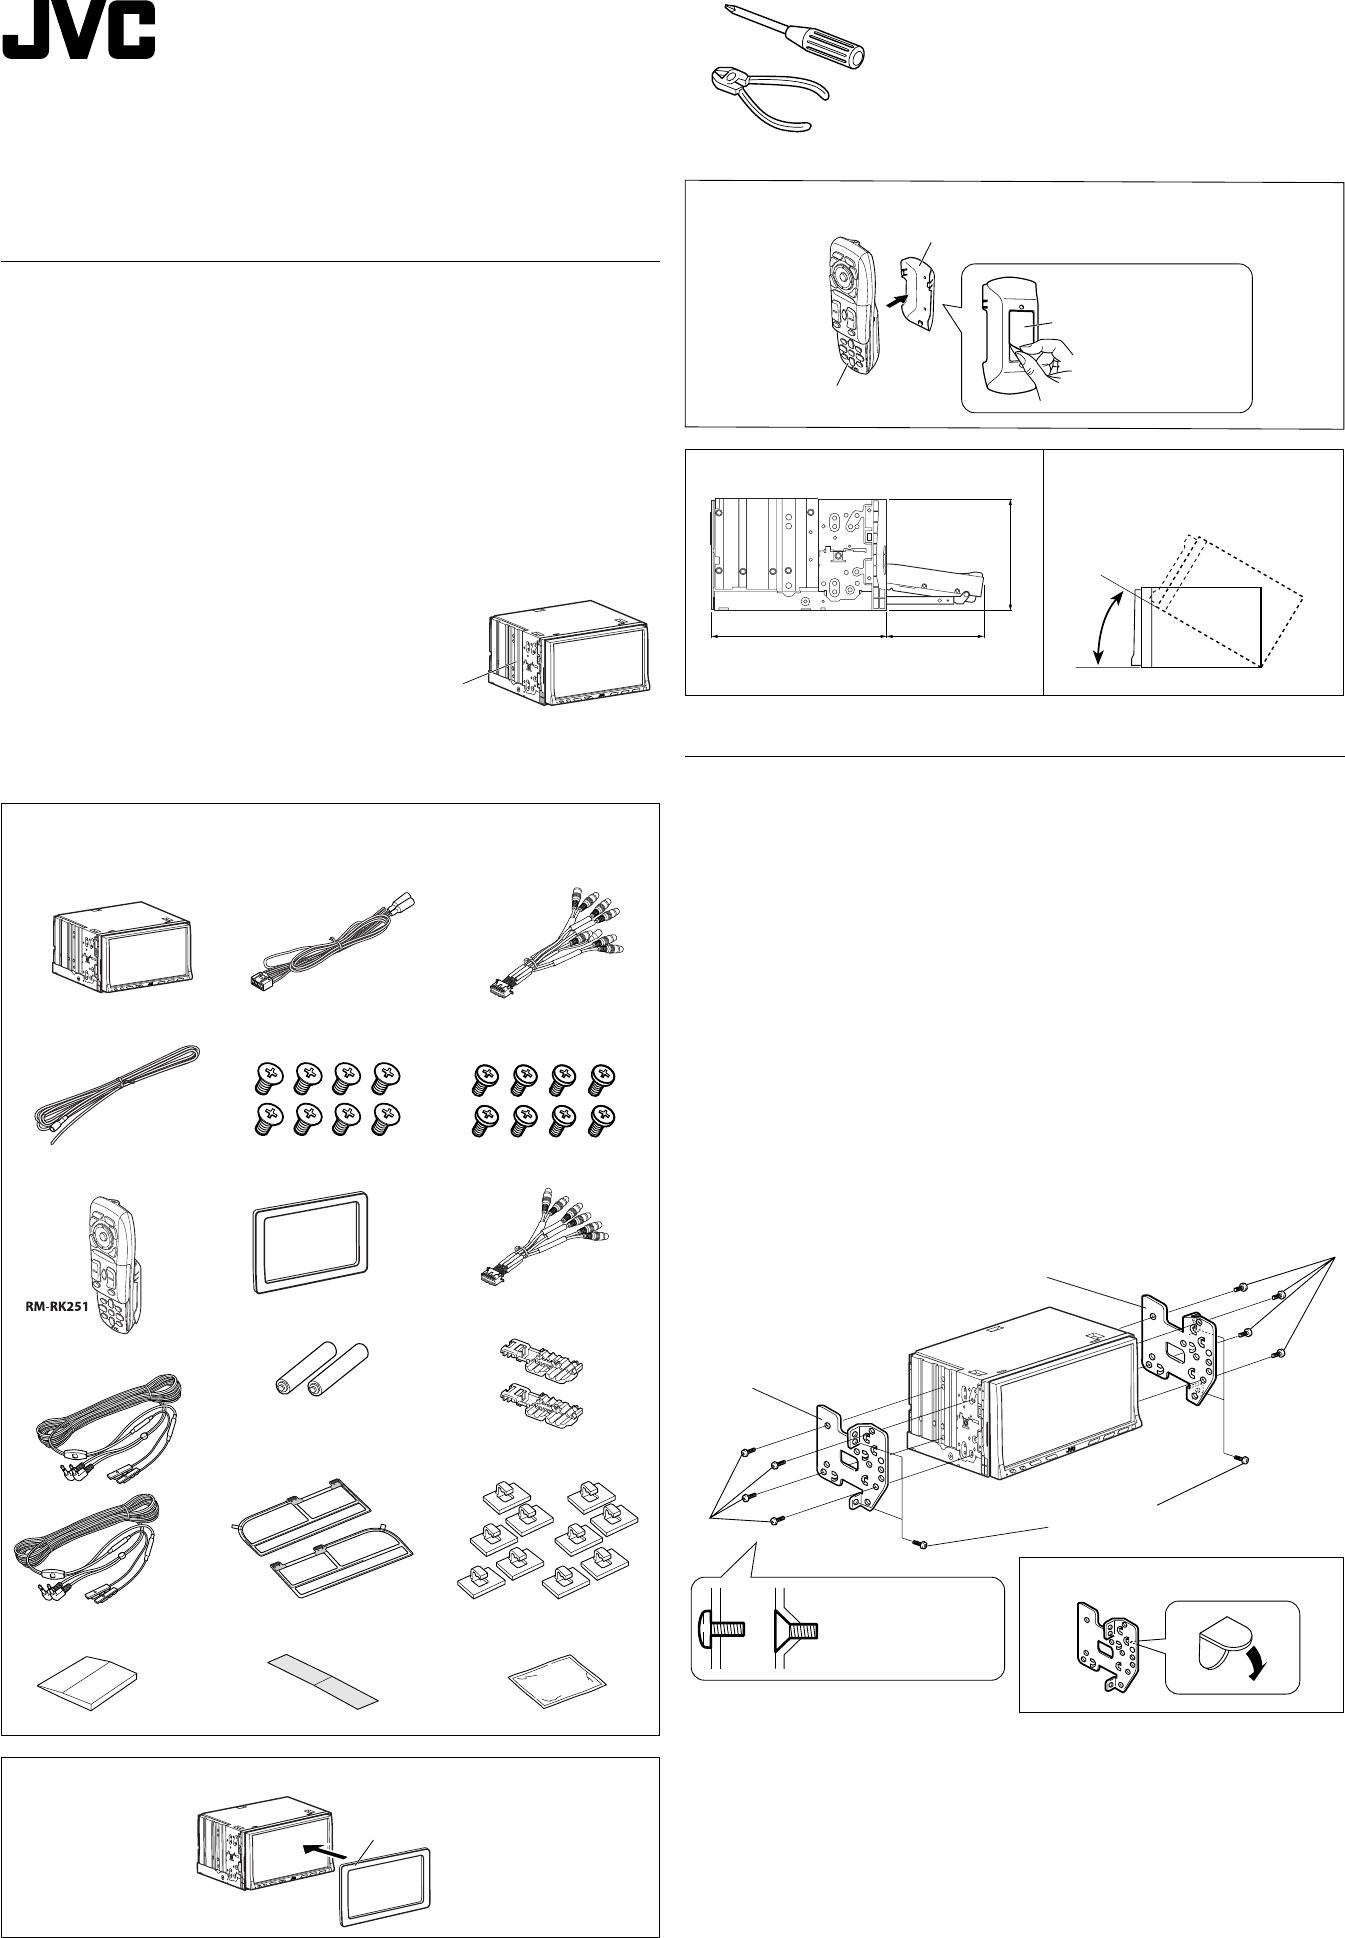 Jvc Kw Avx900a Installation User Manual Lvt1670 005a Avx 900 Wiring Diagram